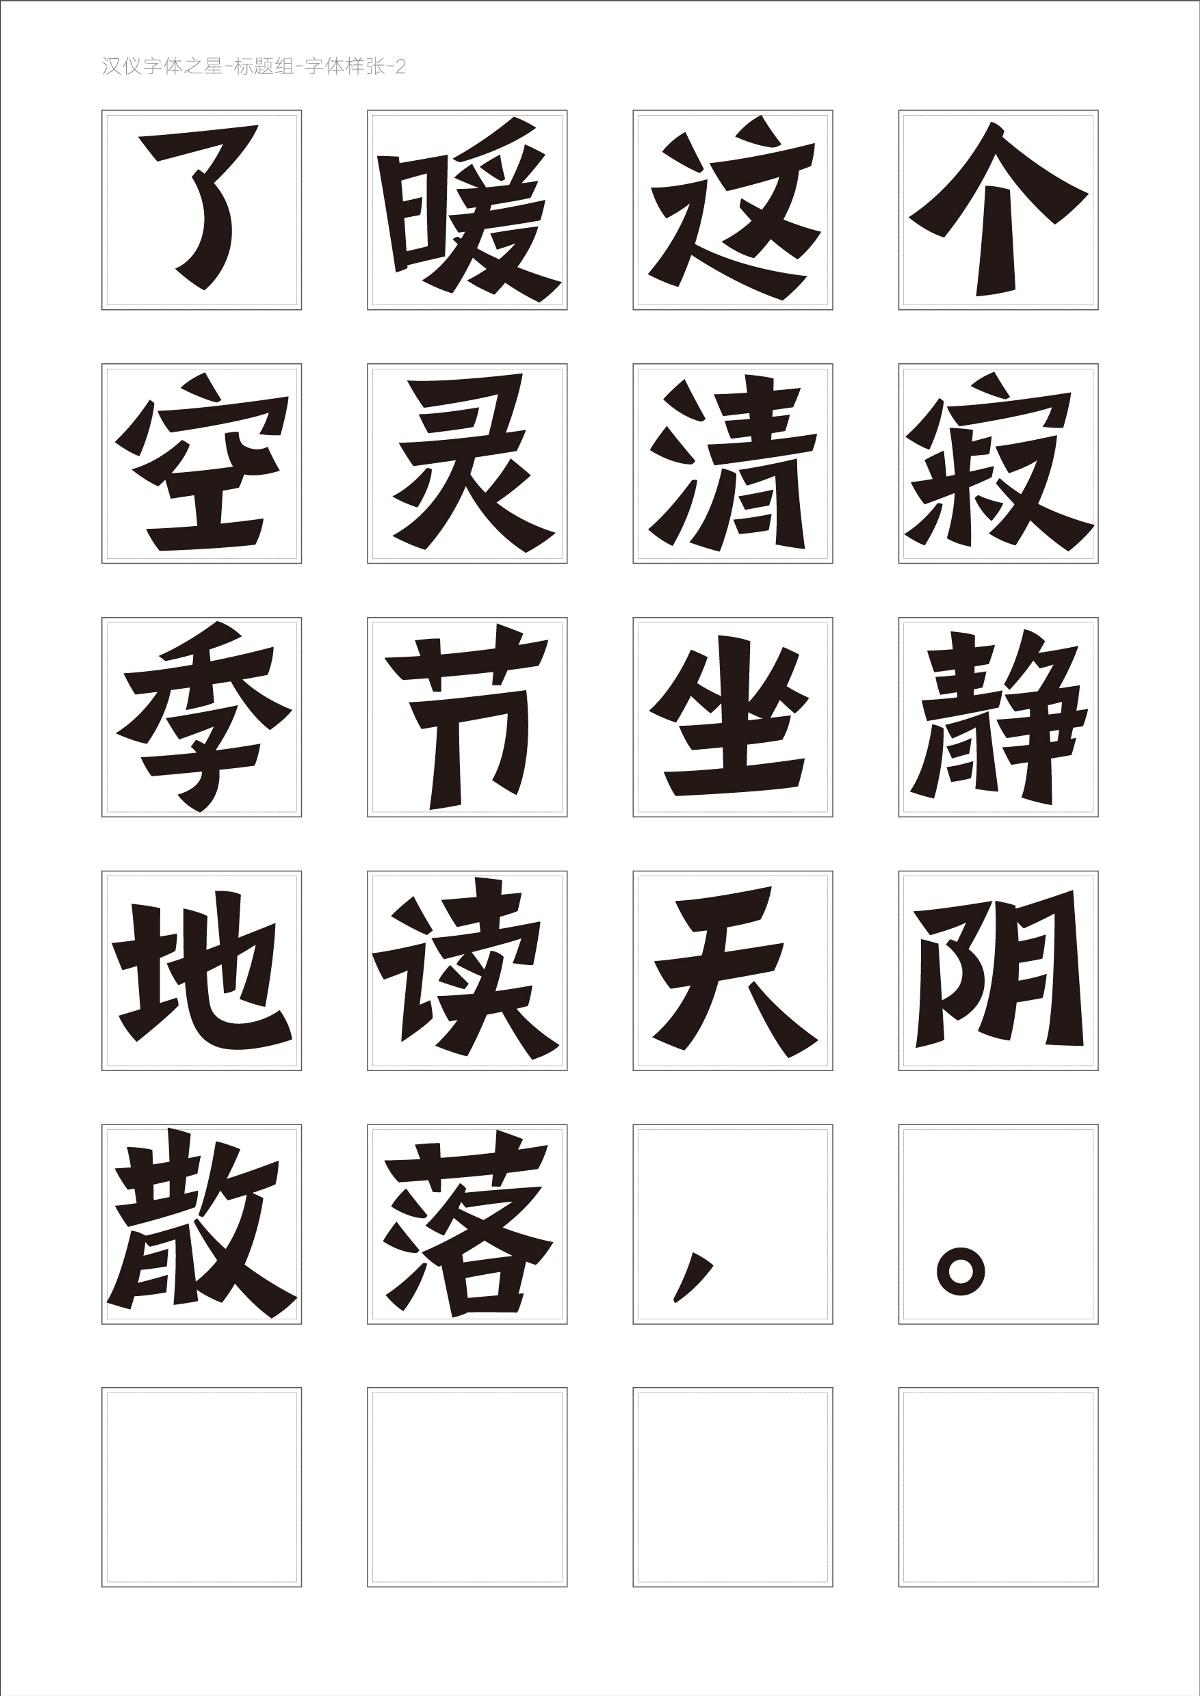 风波先生-汉仪、方正字体大赛入围作品